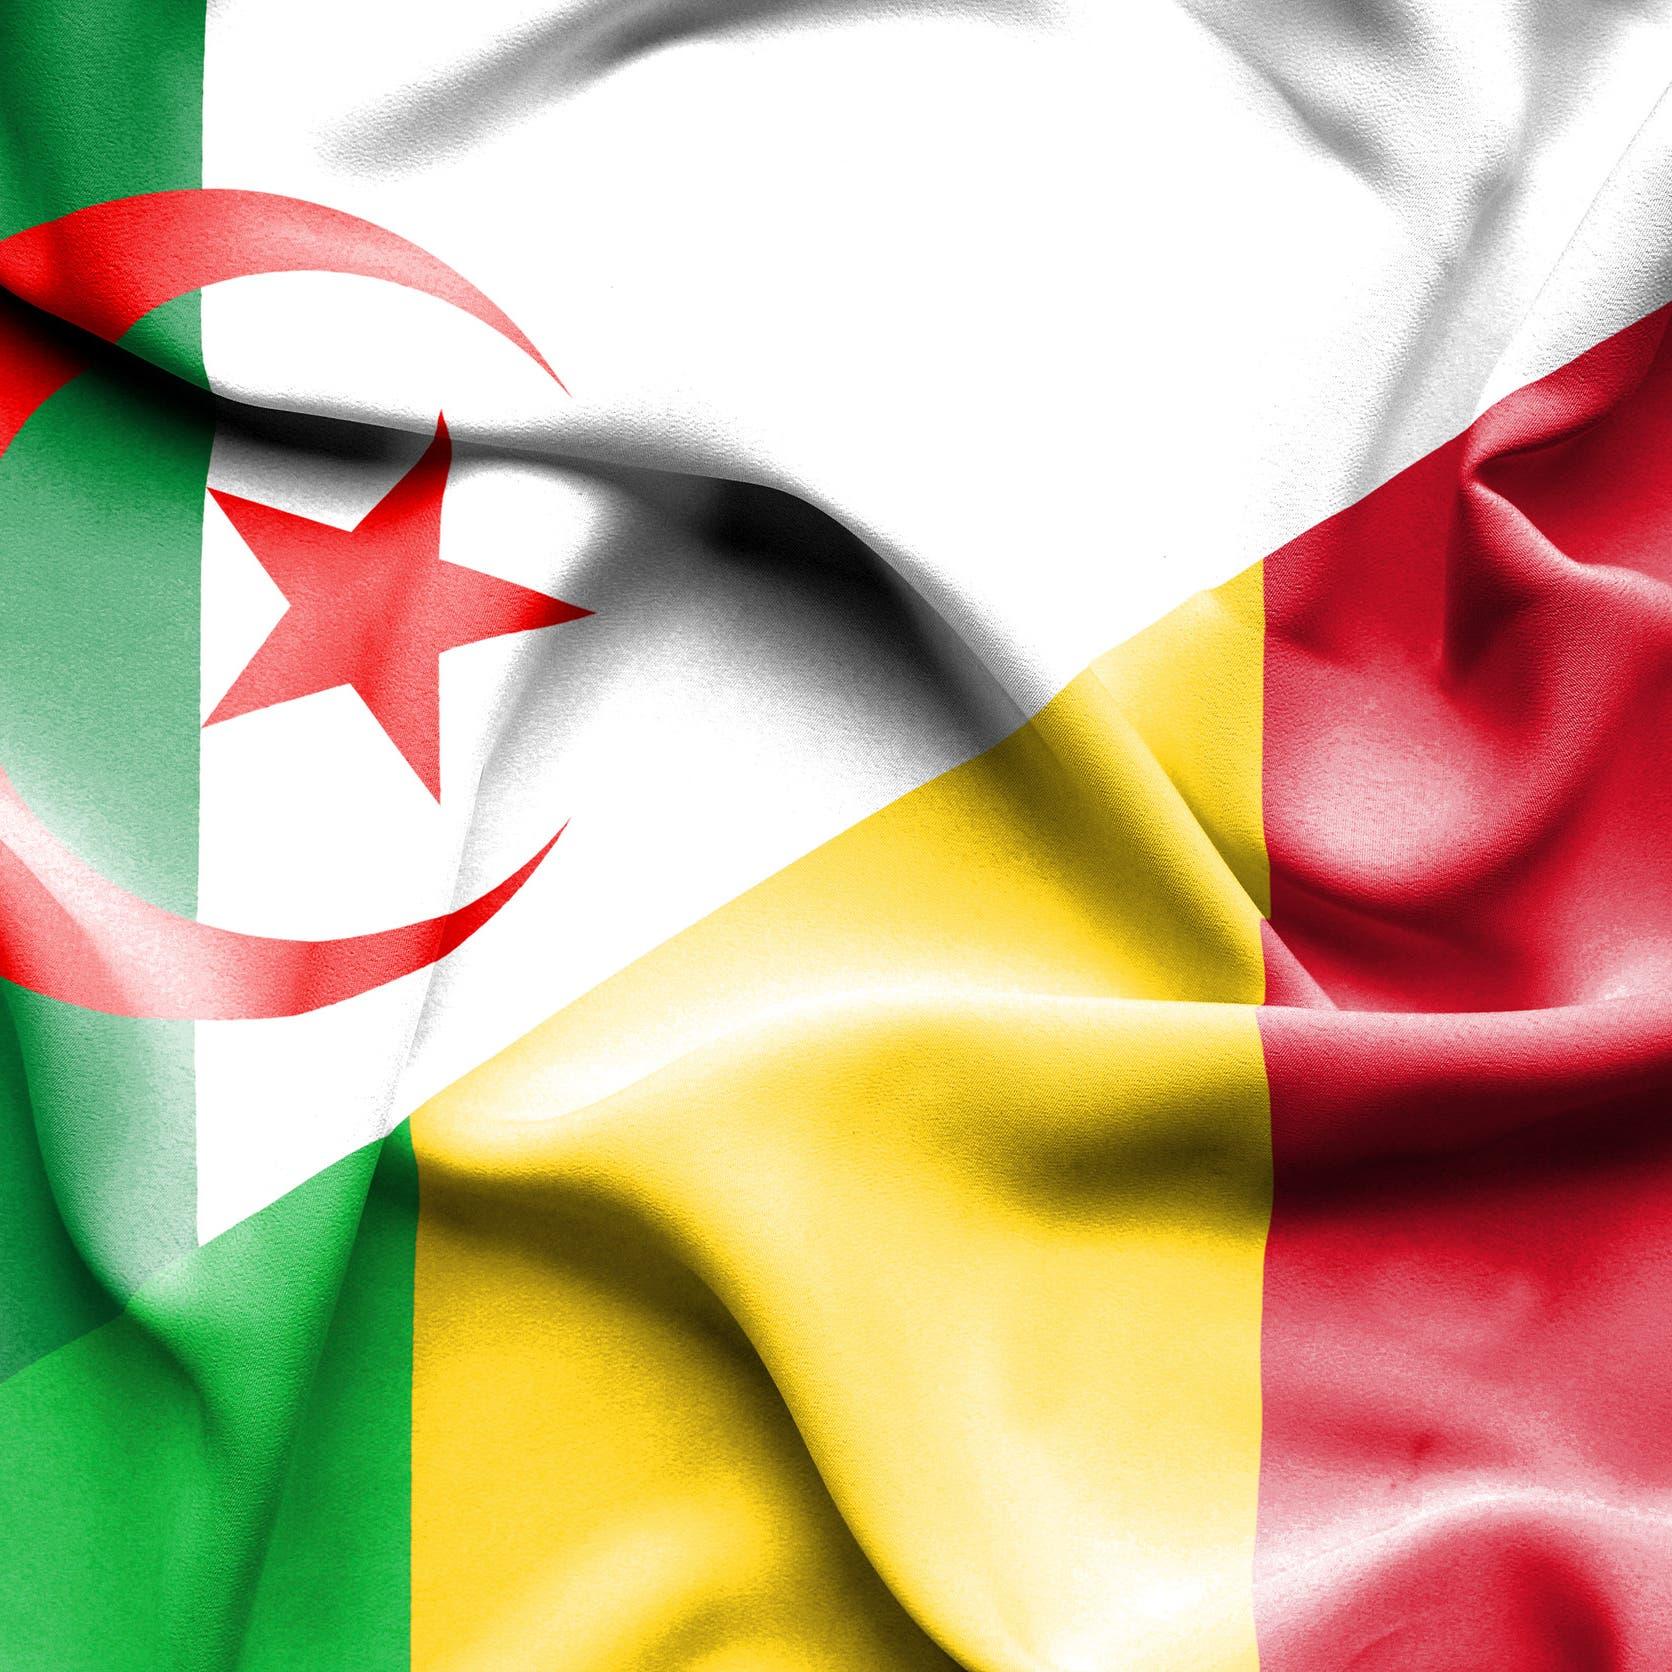 """الجزائر ترفض """"التغيير بالقوة"""" في مالي وتدعم الرئيس نداو"""